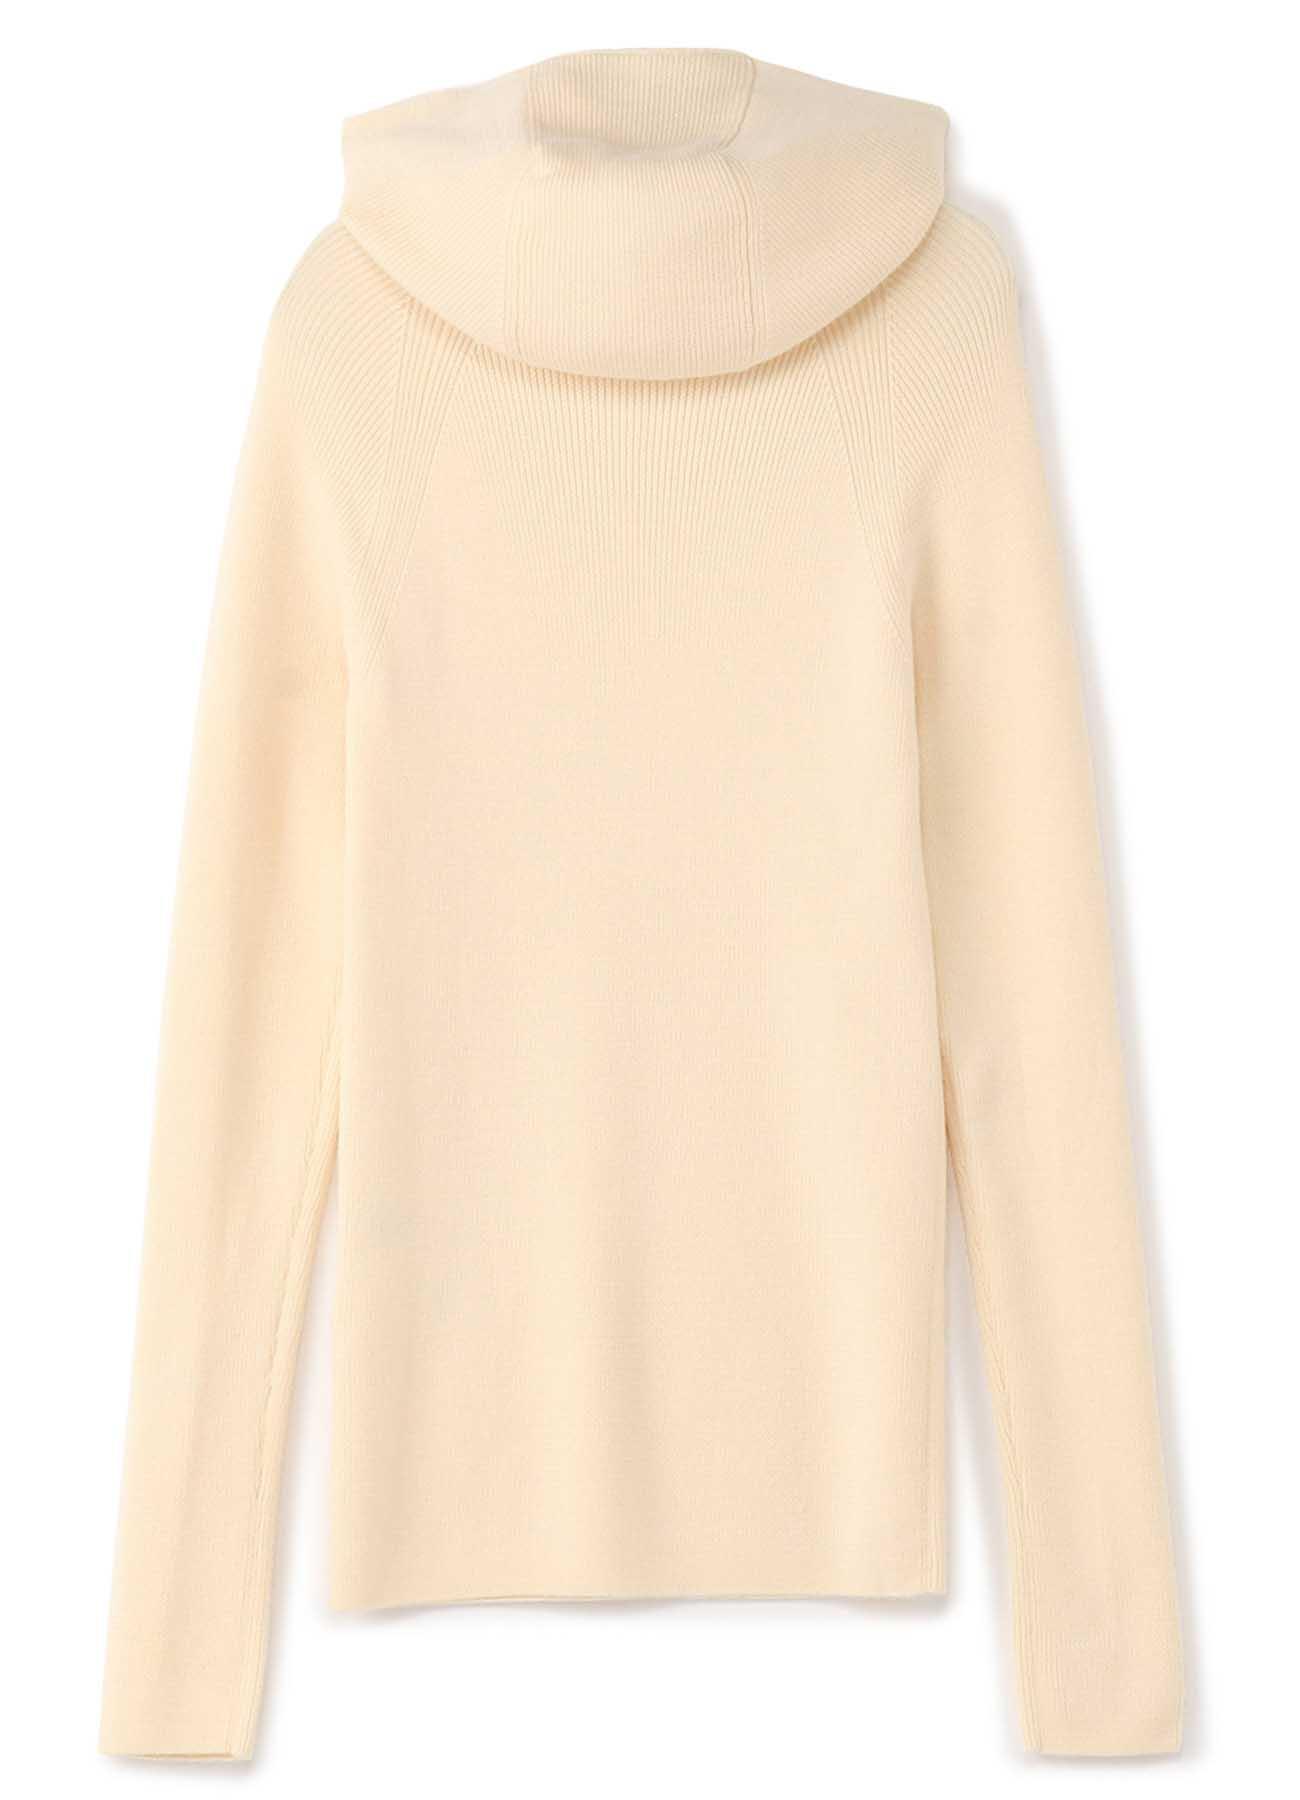 Standard W/Washable Plain Stitch Monkey Sweater